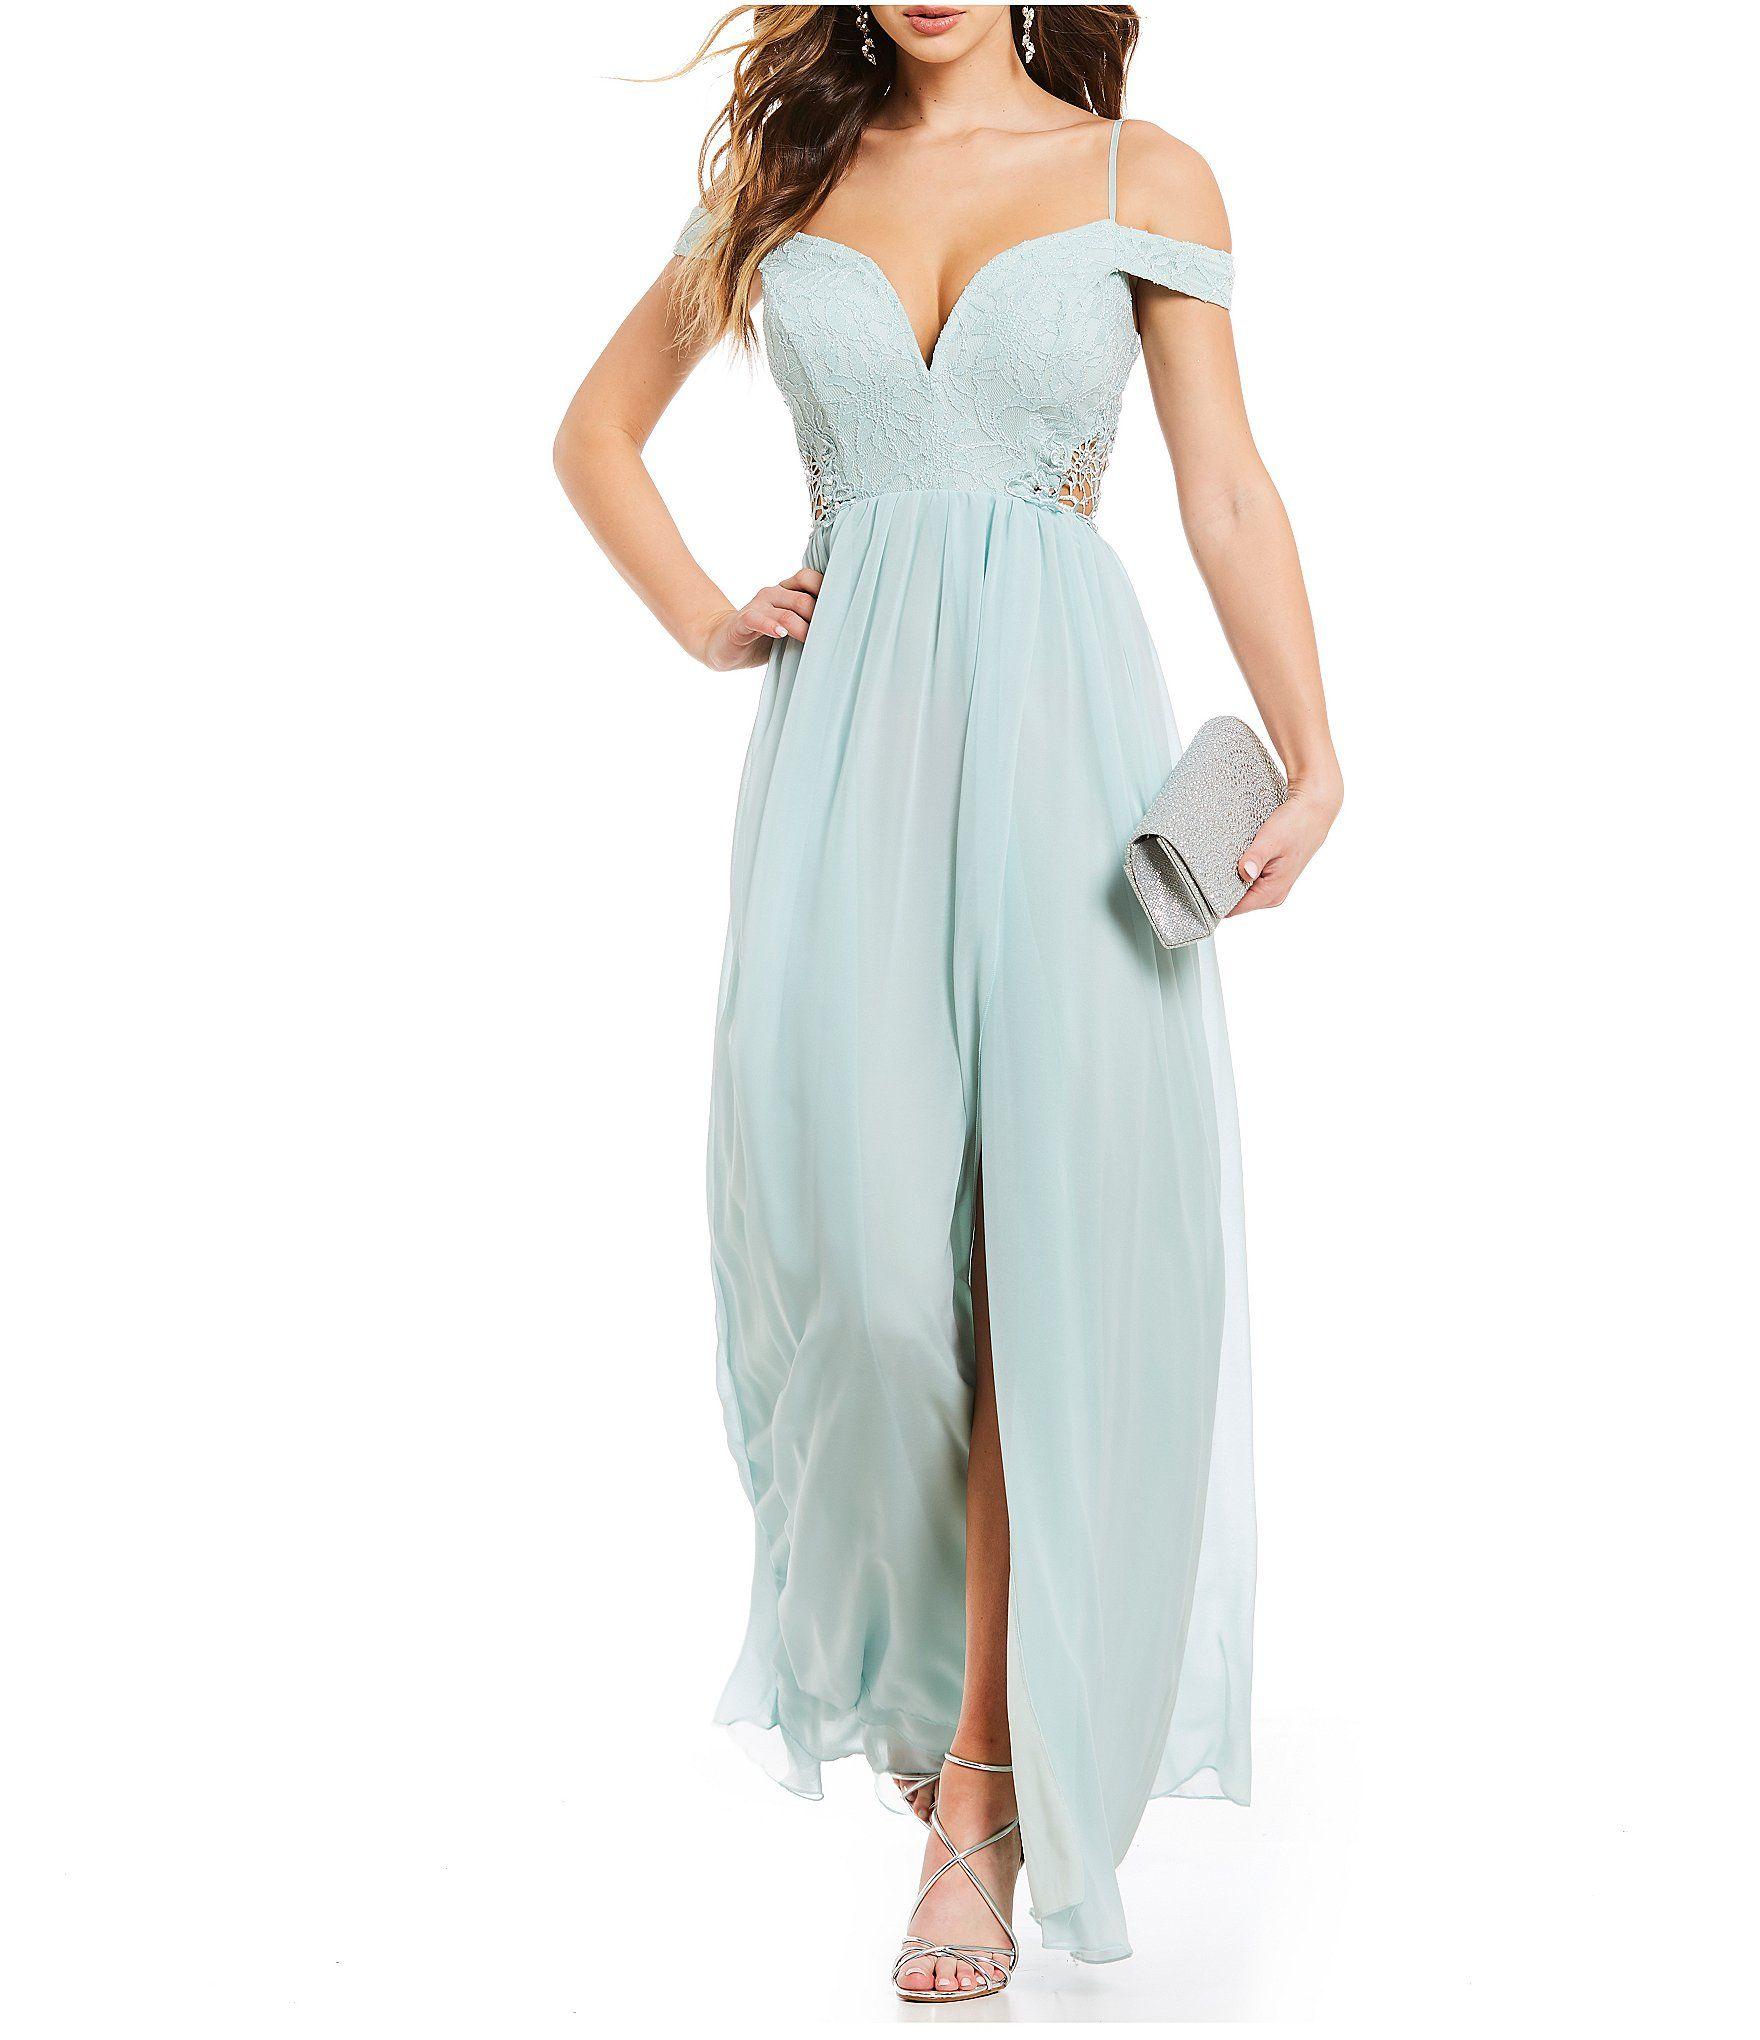 af1e4729c70 Jodi Kristopher Off-The-Shoulder Lace Bodice Long Dress